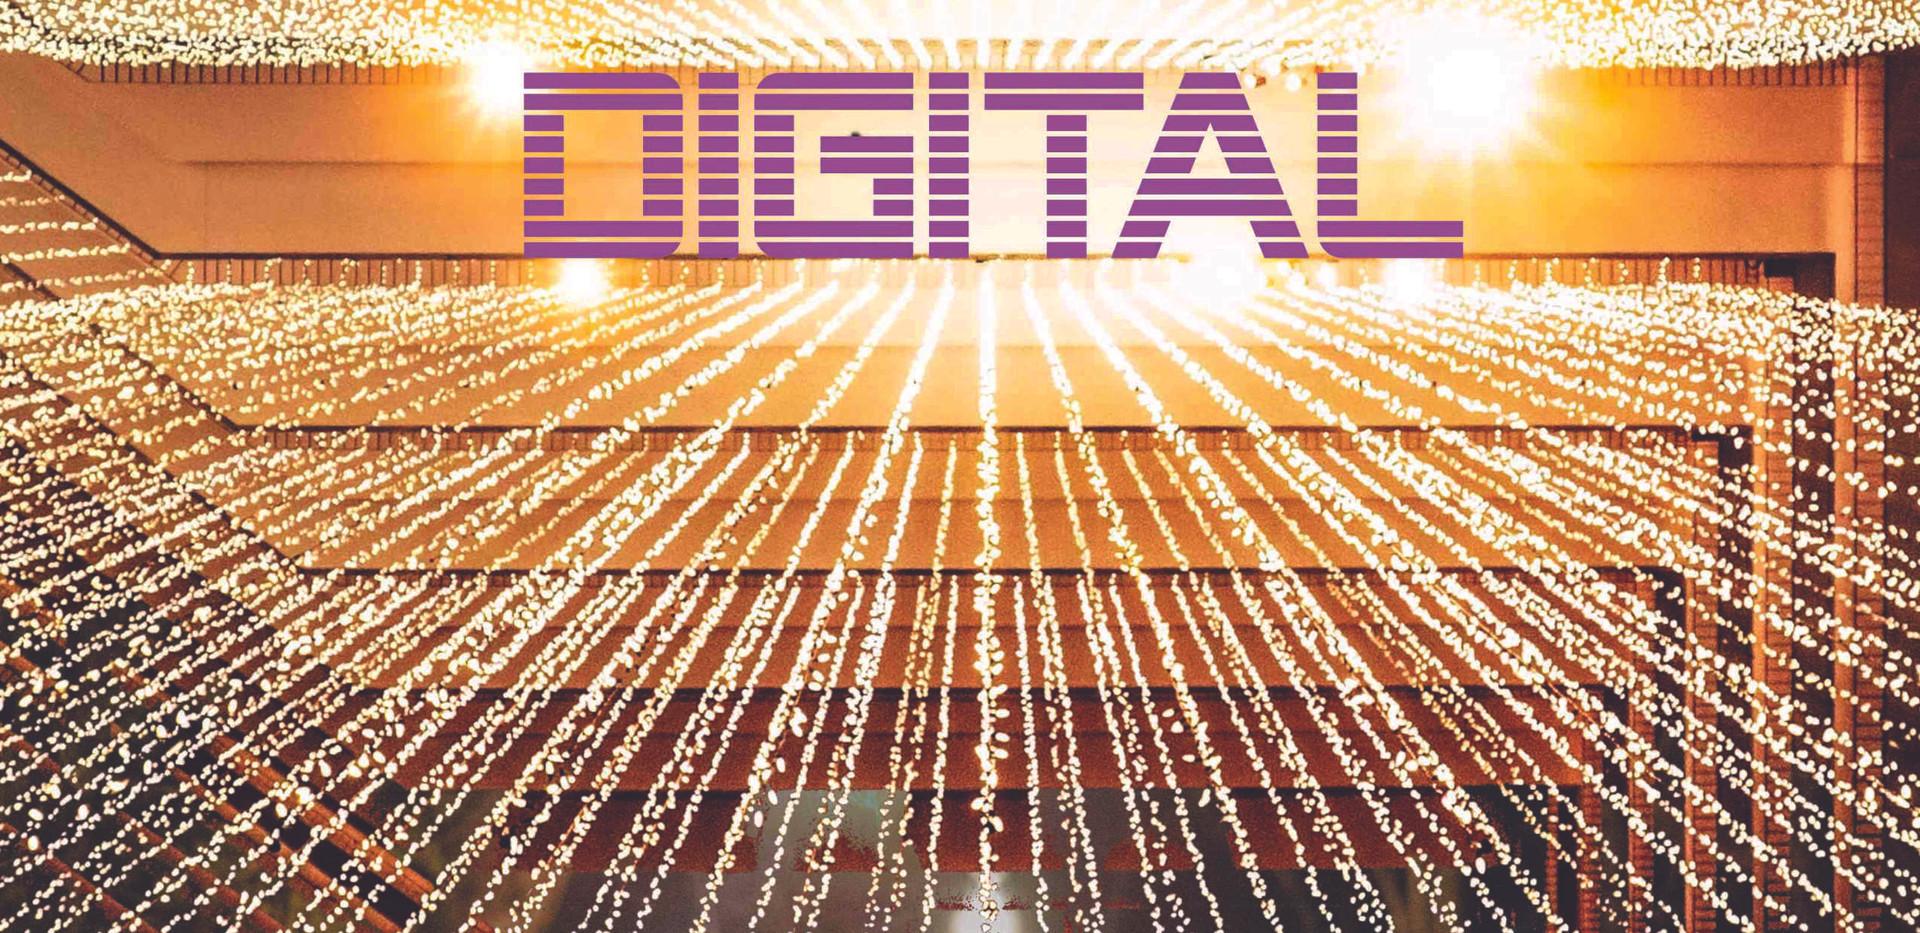 Digital Hope